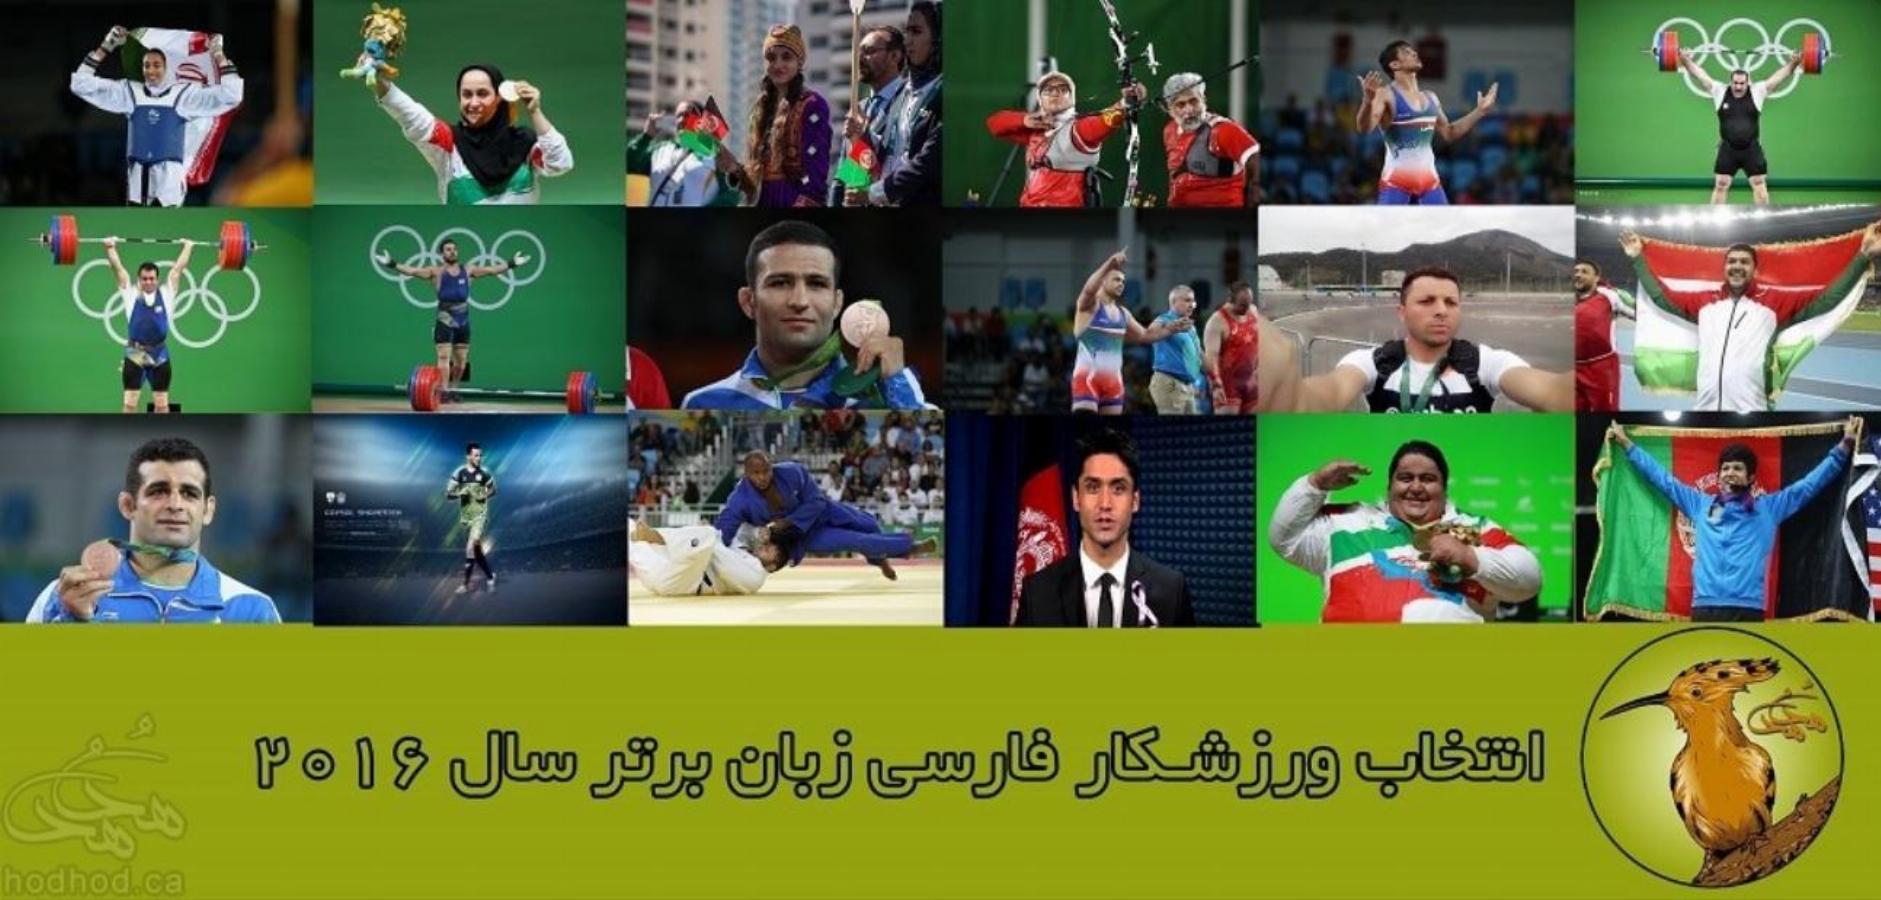 انتخاب ورزشکار فارسی زبان برتر سال 2016 از نگاه مخاطبان رسانه هدهد